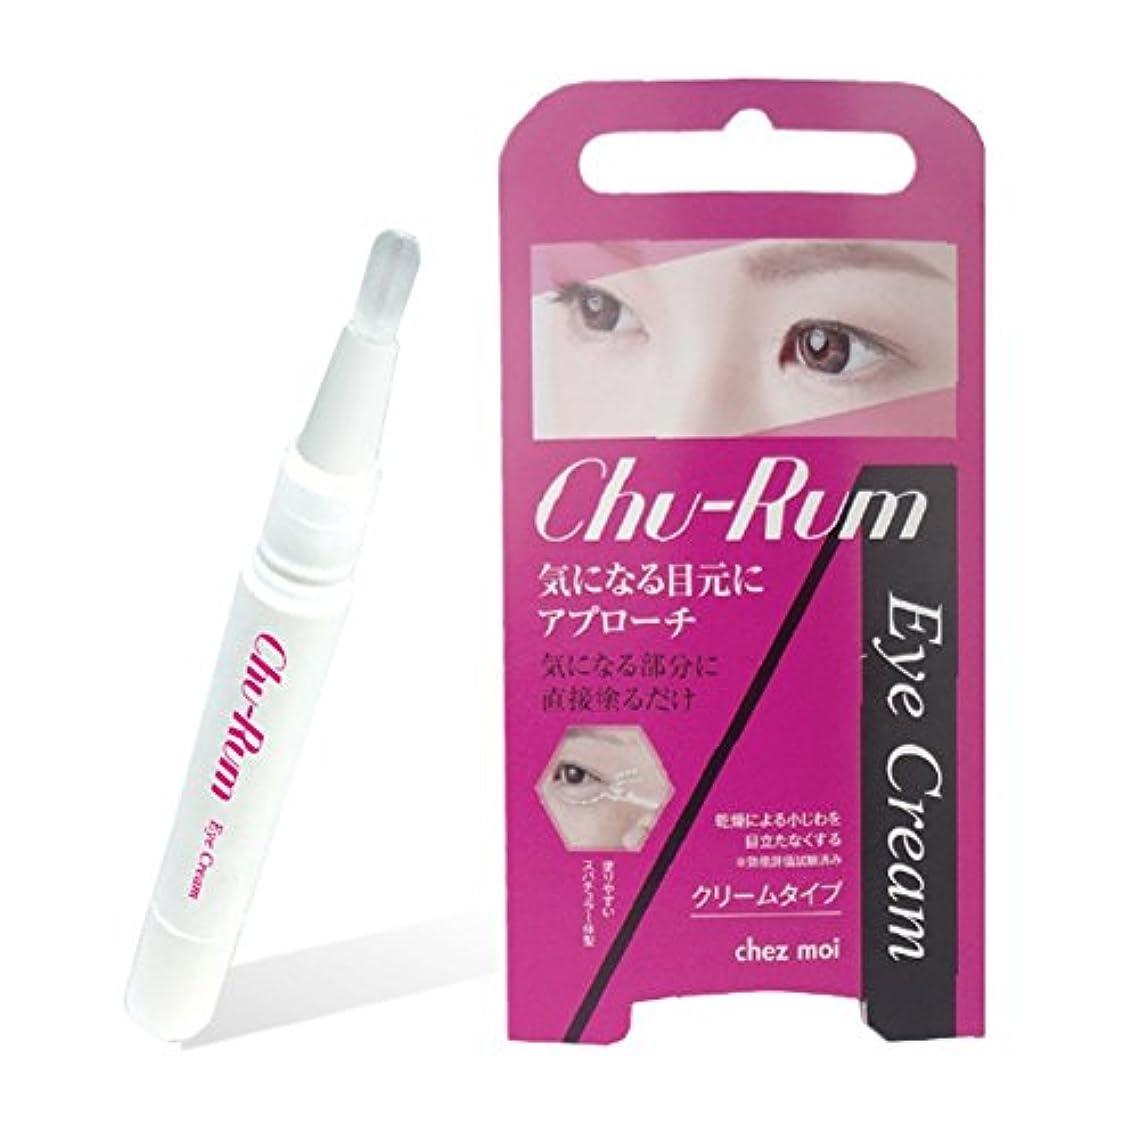 繰り返した舗装ファンタジーシェモア Chu-Rum(チュルム) Eye Cream(アイクリーム)